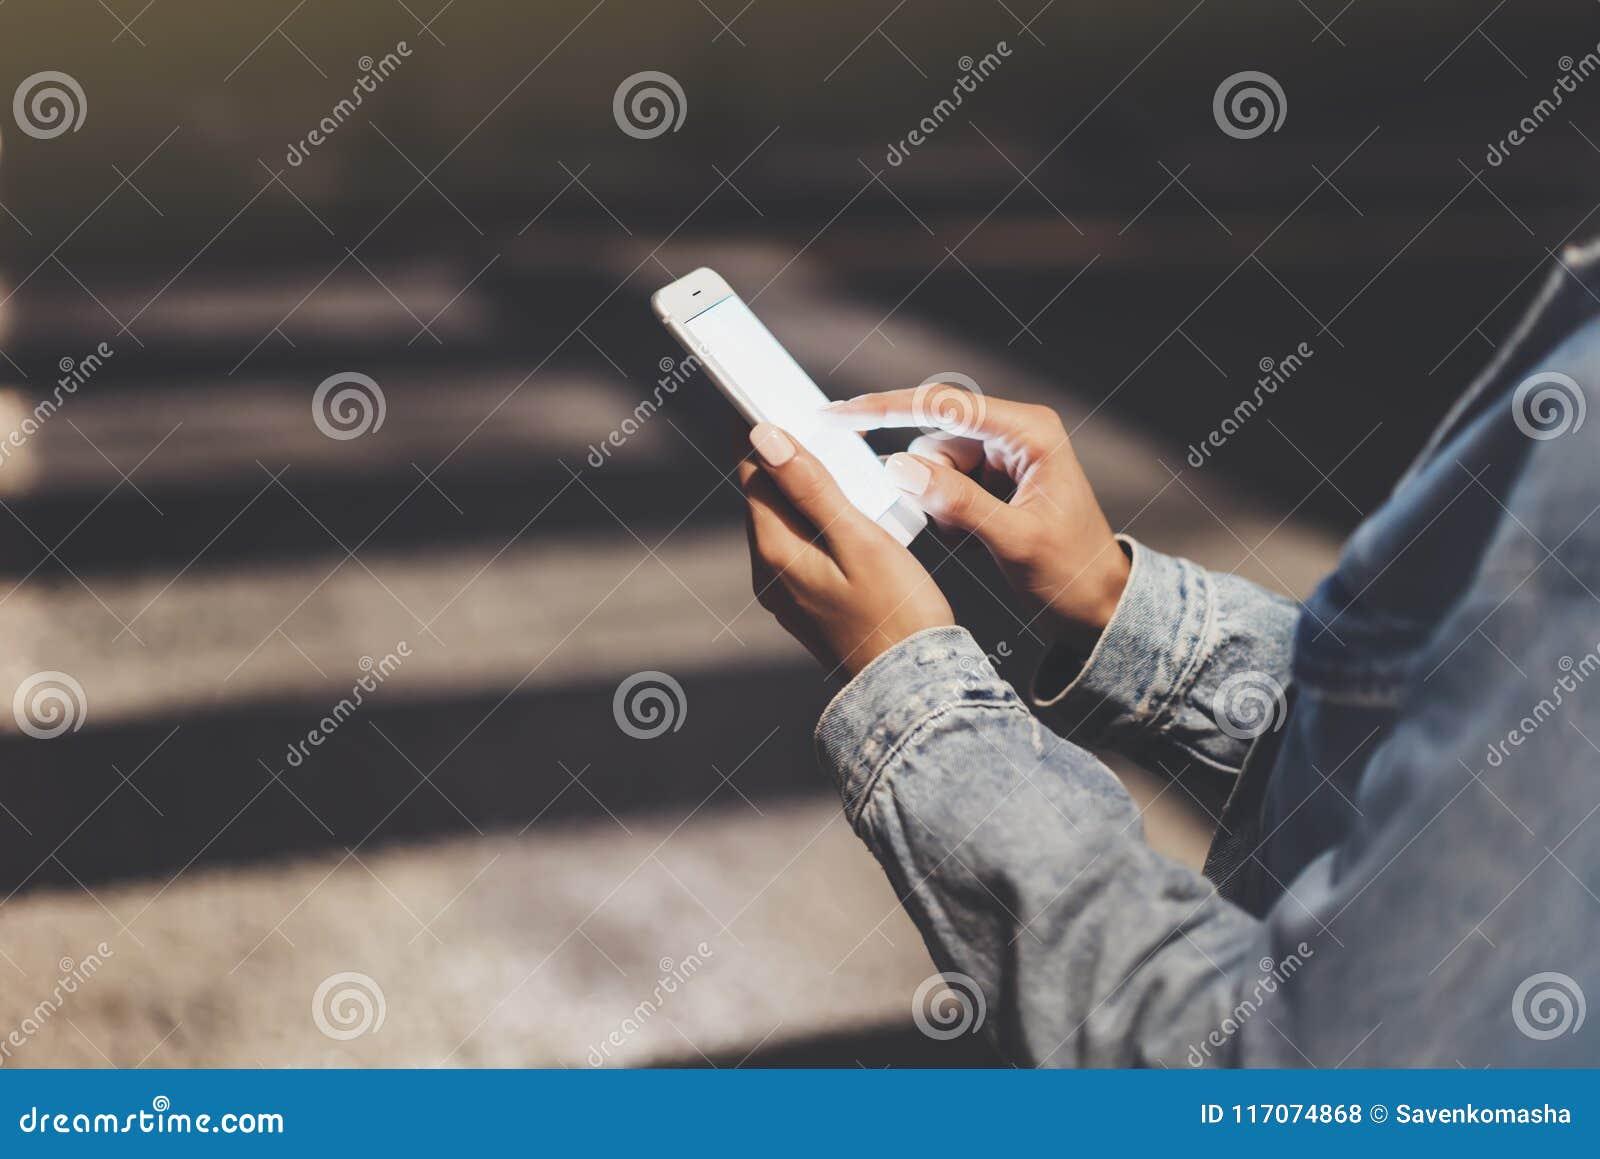 指向在屏幕智能手机的女孩手指在背景焕发bokeh光在夜大气圣诞节城市,行家使用